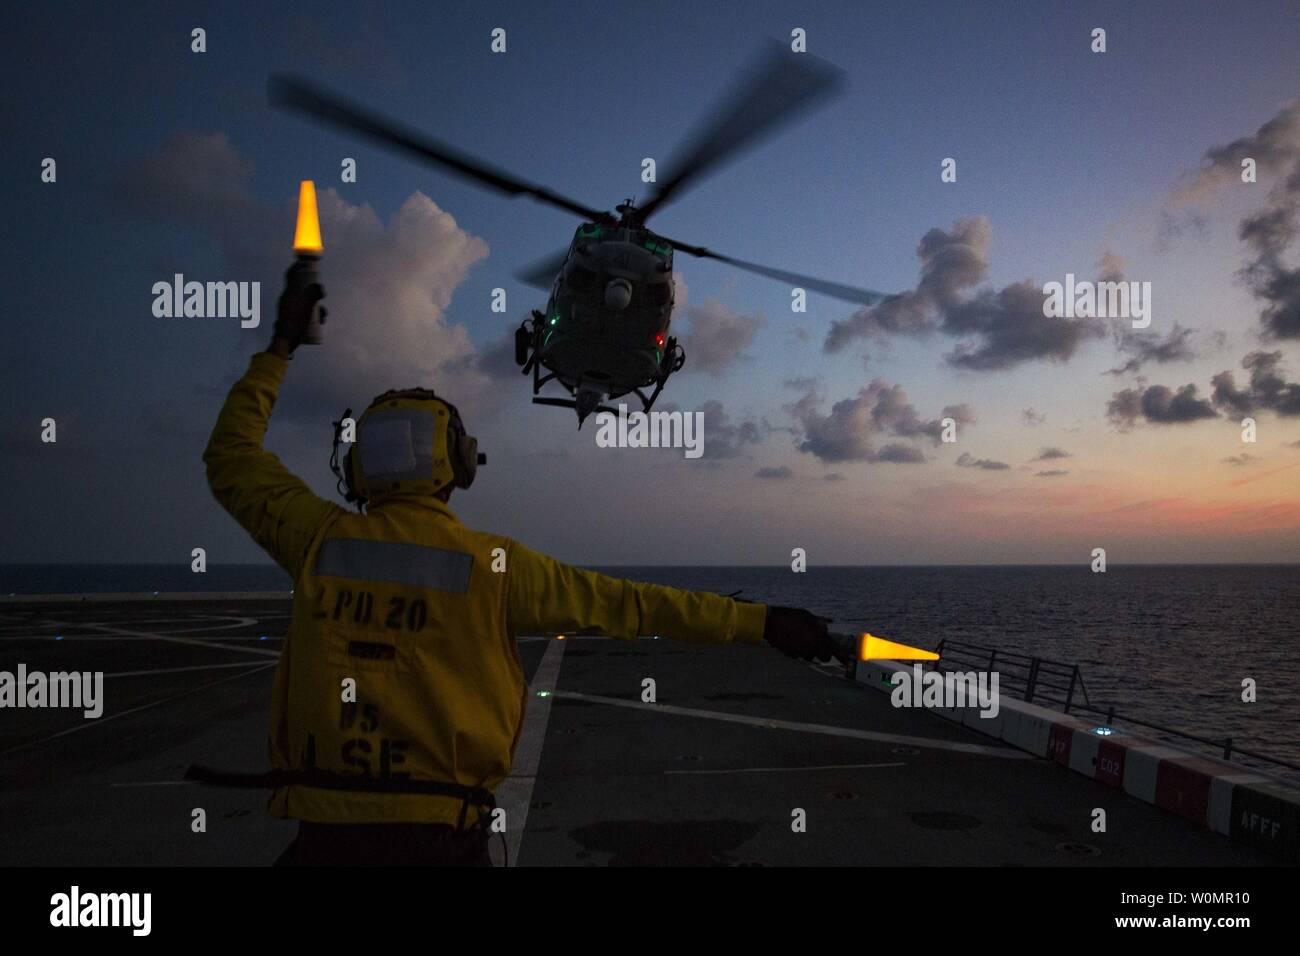 """Petty oficial de 2ª clase Torien Collins, un compañero boatswainÕs aviación, dirige un Marine Corps UH-1Y Venom """"Huey"""" helicóptero desde medio marino Tiltrotor Escuadrón 262 (reforzado), 31ª Unidad Expedicionaria de los Infantes de Marina, para despegar desde la cubierta de vuelo del USS Green Bay (LPD-20), en el mar, el 23 de agosto de 2016. Foto por J. Darien Bjorndal/U.S. Marine Corps/UPI Foto de stock"""